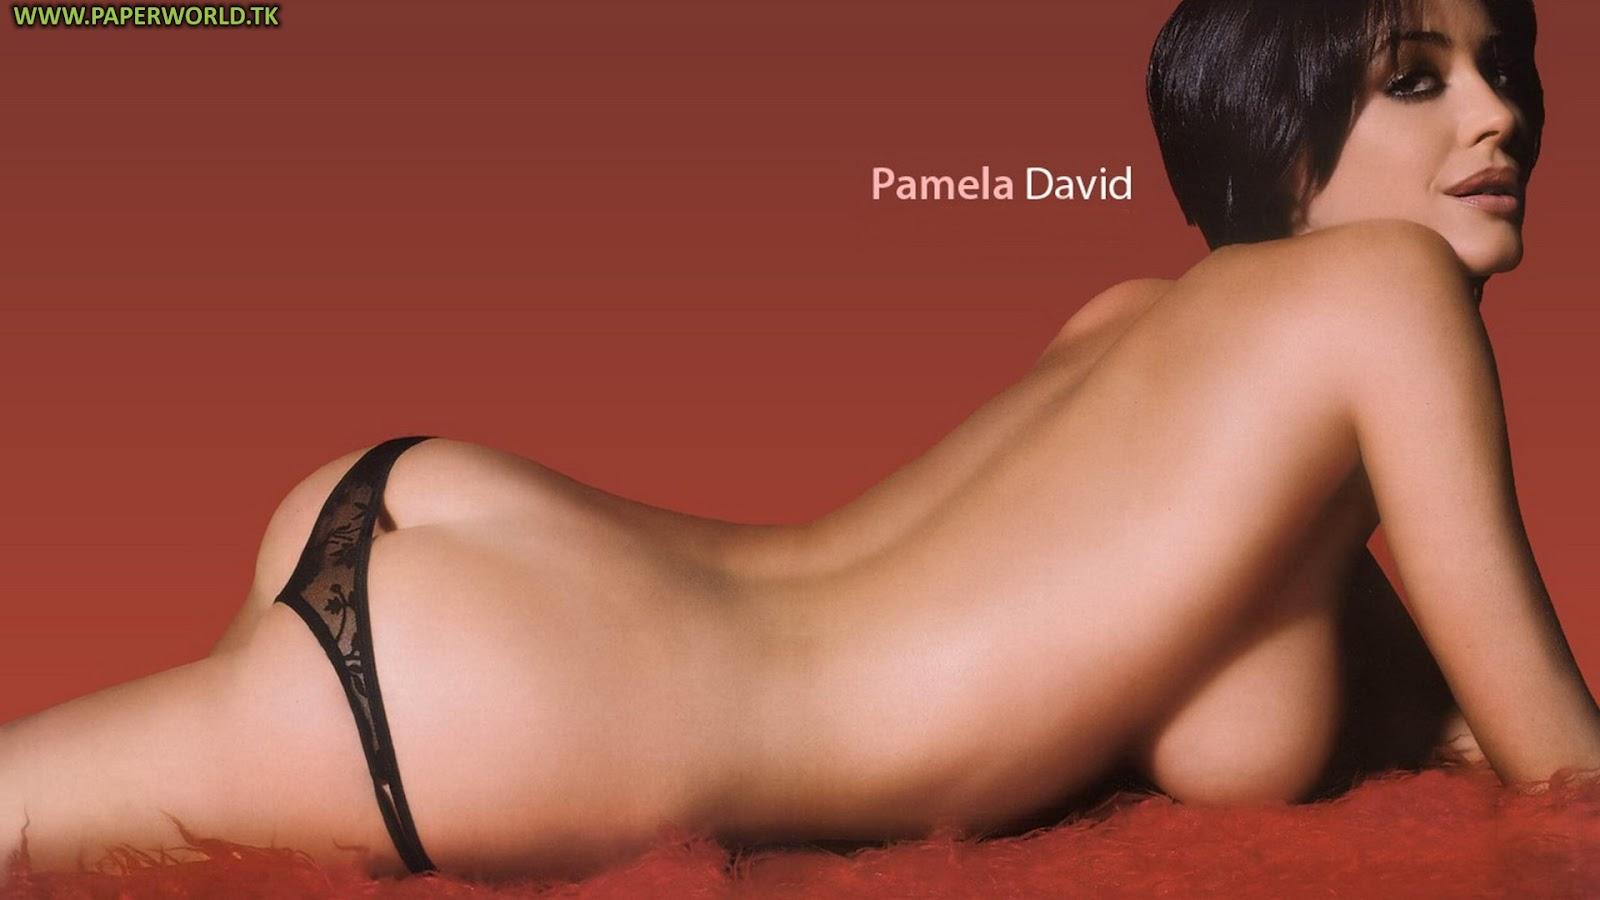 http://3.bp.blogspot.com/-2tGvpJDI-YM/T-zd8_LgnTI/AAAAAAAABKk/AgTx1HX5j50/s1600/517+Pamela_David.jpg